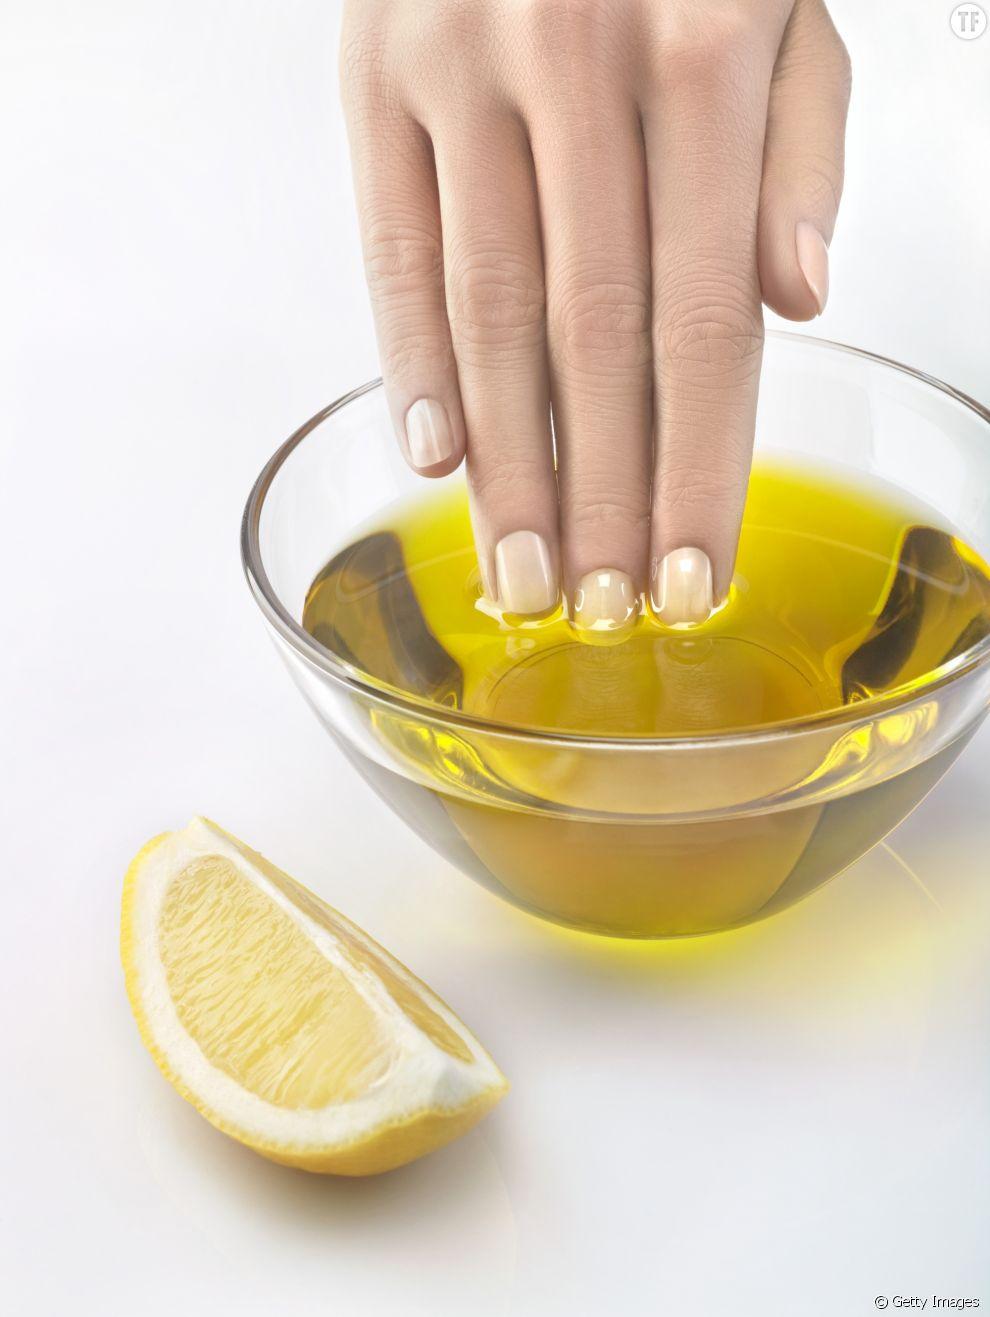 Faire sécher son vernis avec de l'huile d'olive